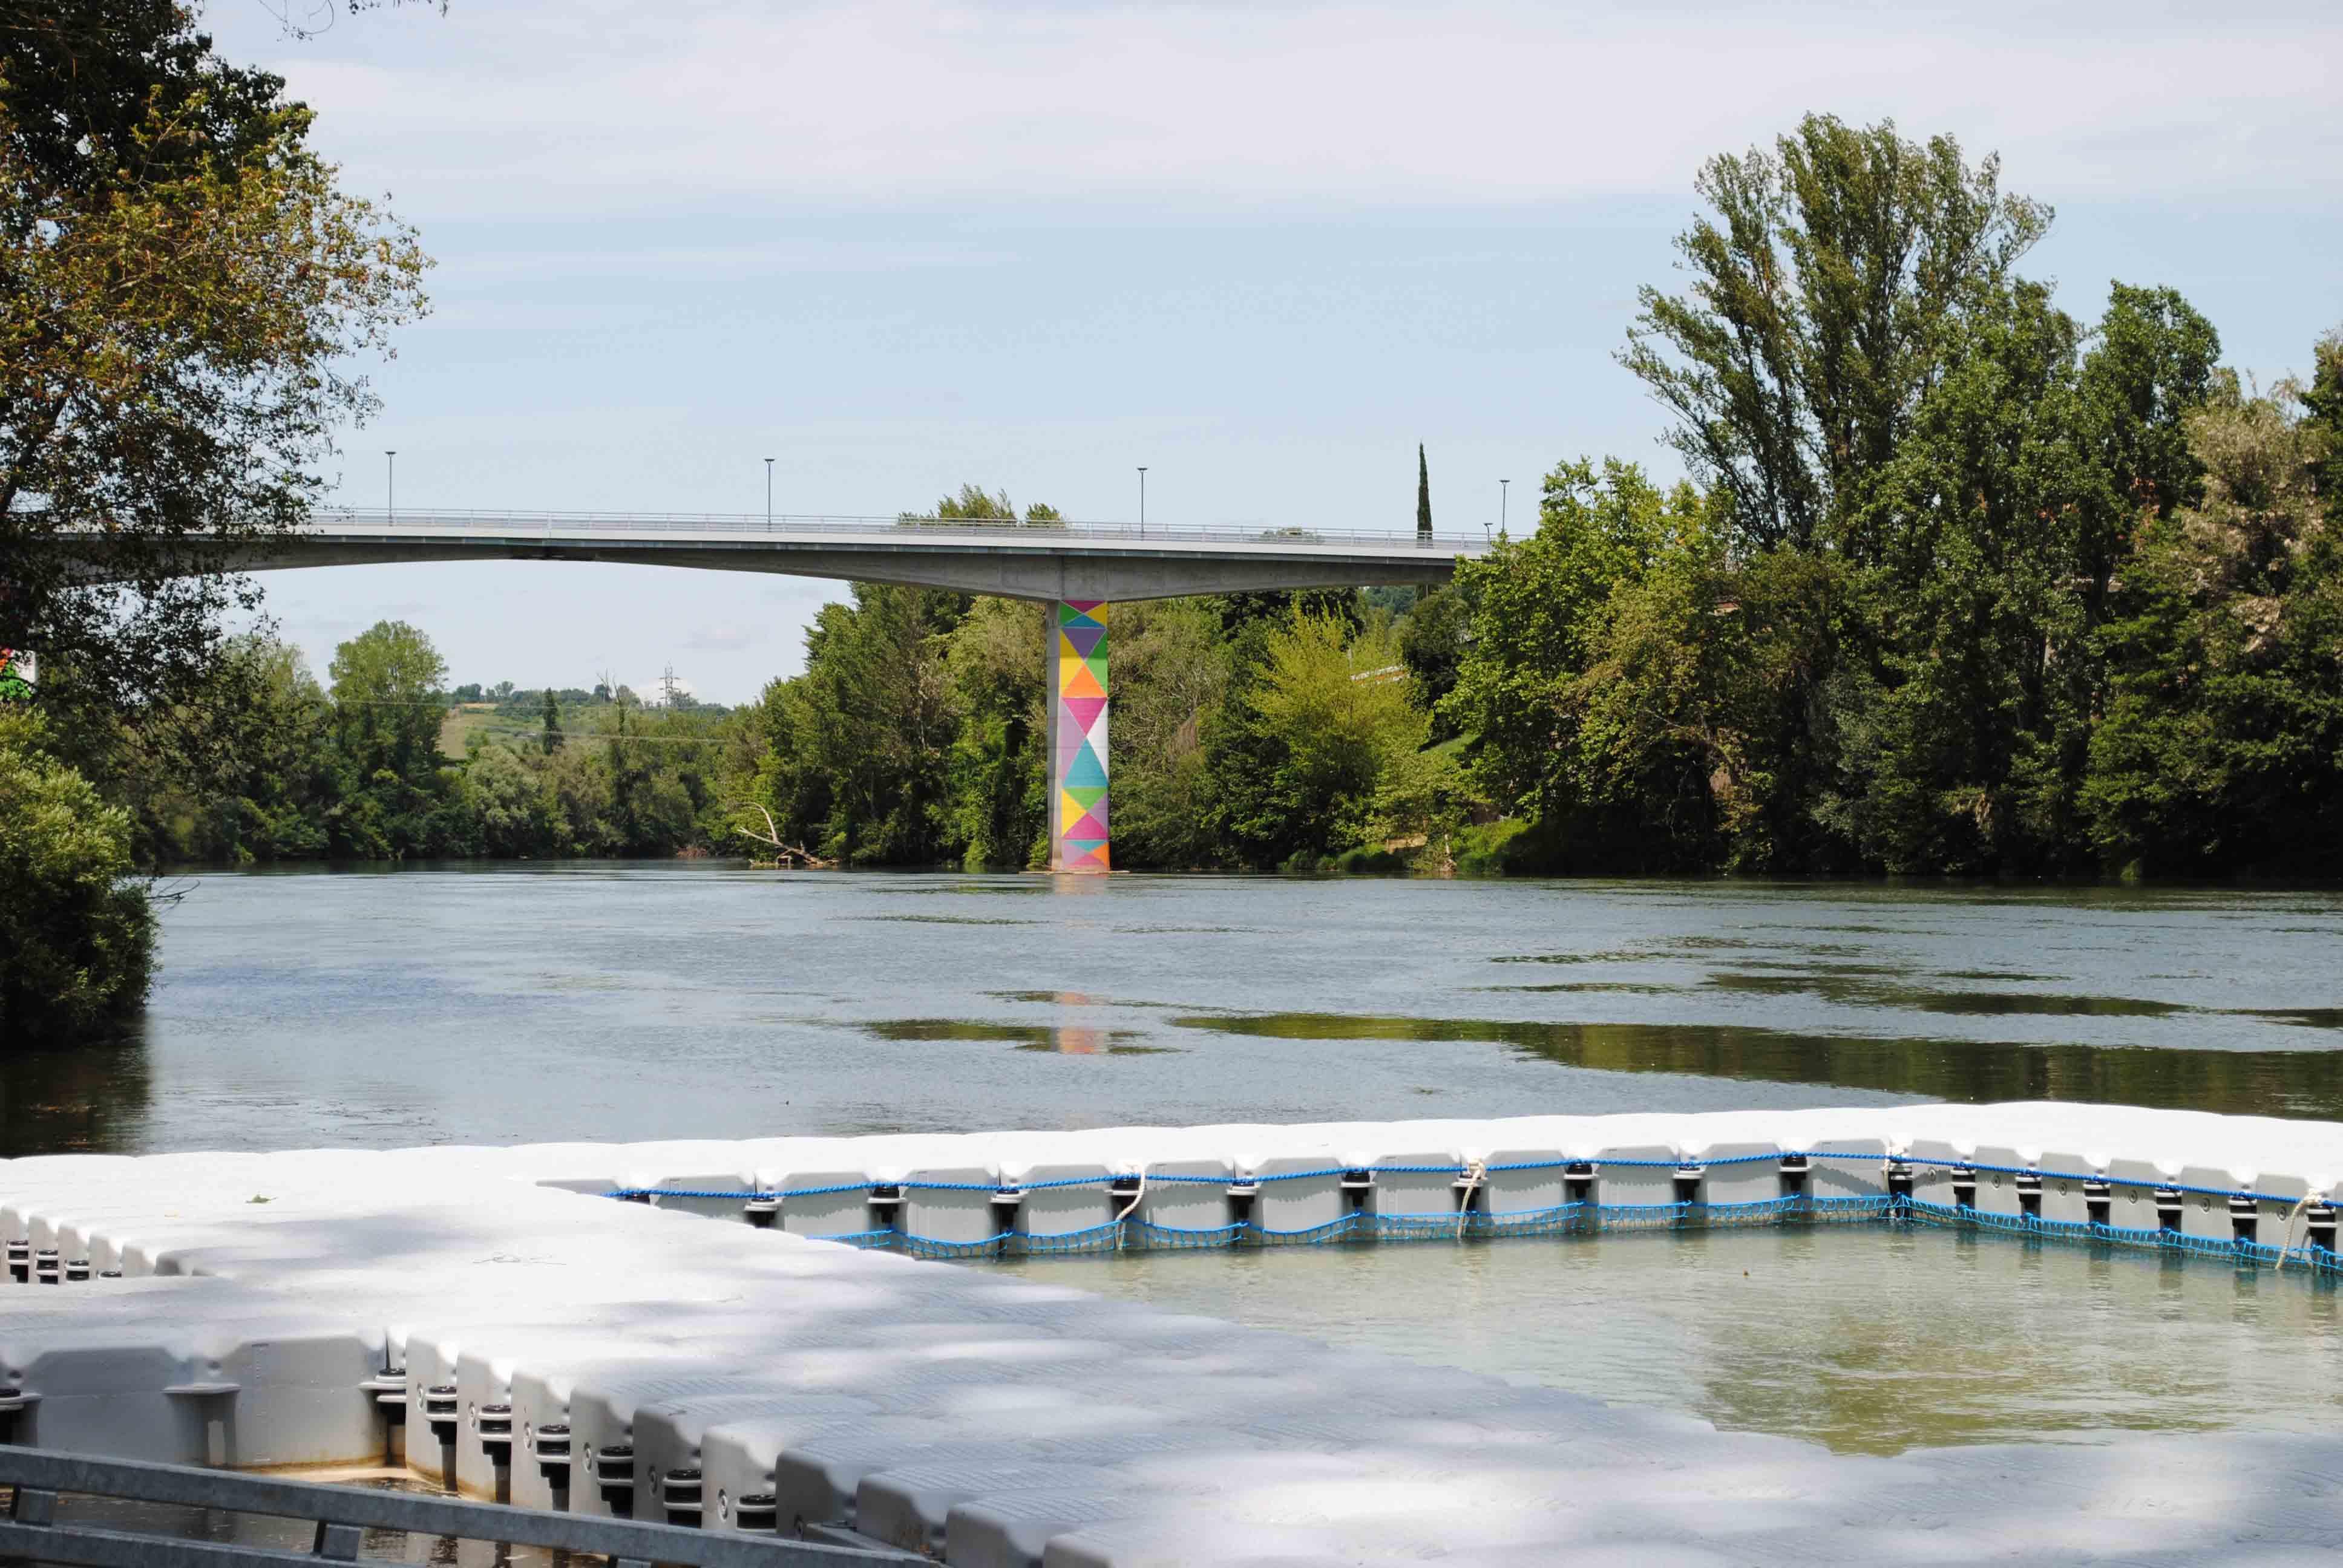 Un bassin flottant sur la plage et un nouveau ponton au club nautique : l'été se prépare sur le Tarn !